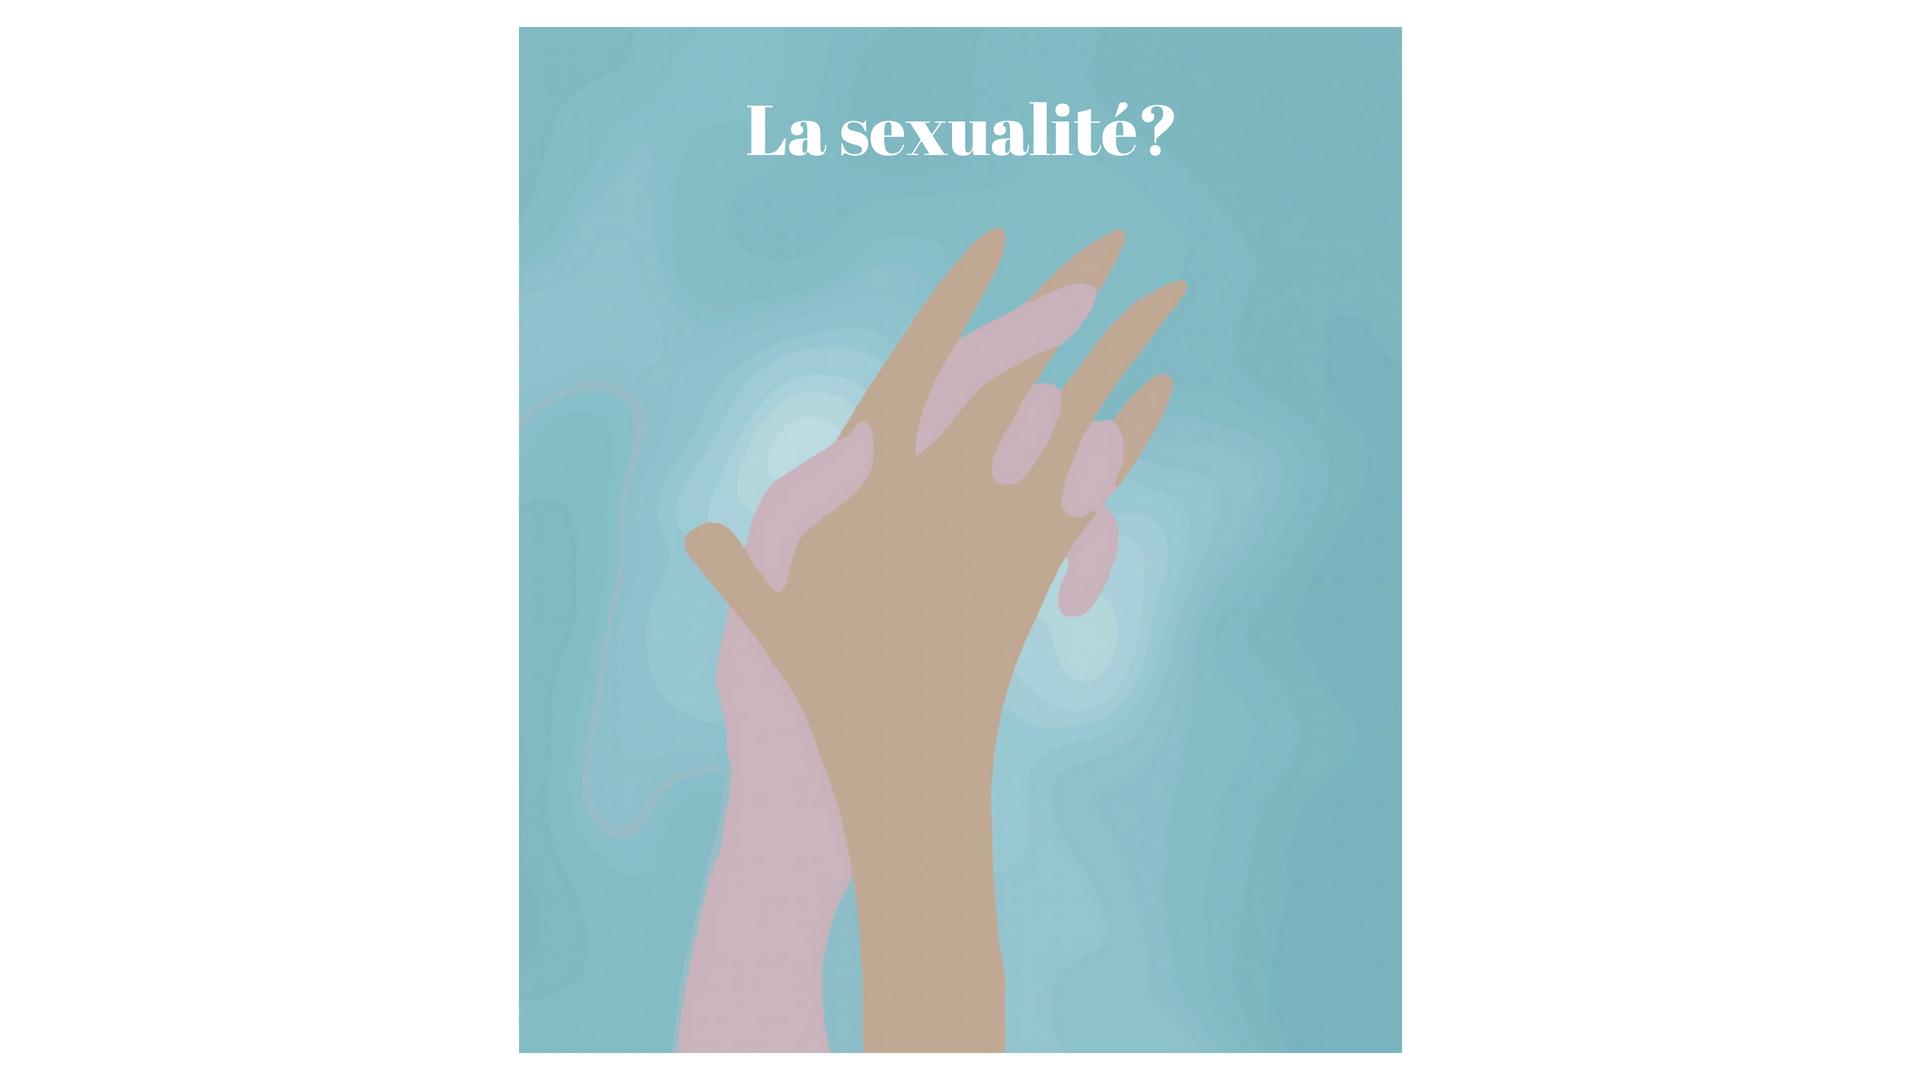 La sexualité, une relation, une rencontre intime.